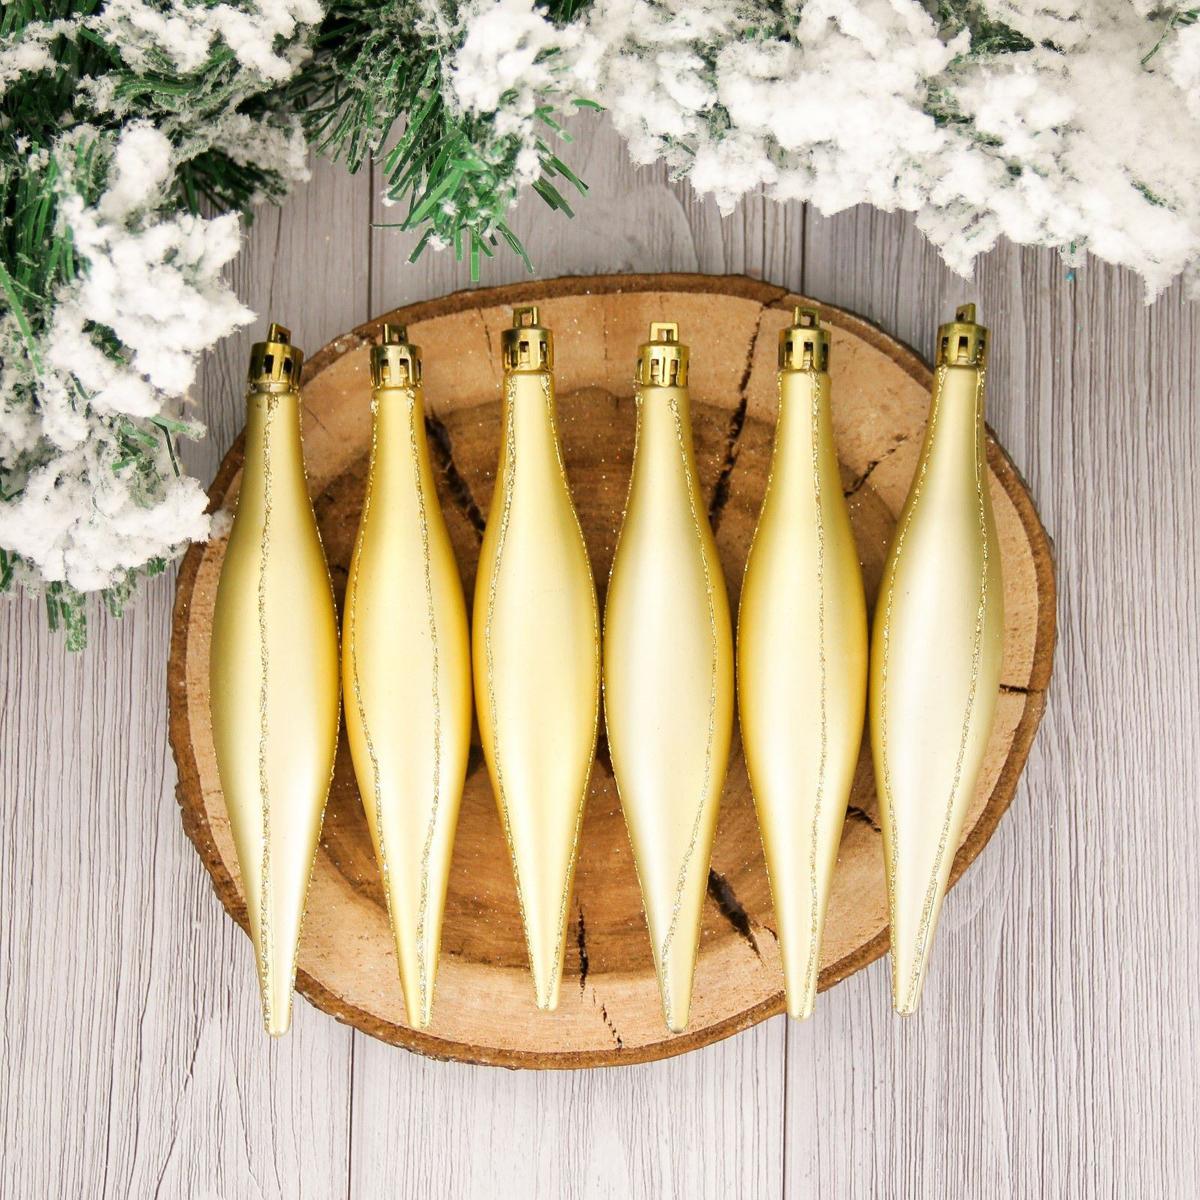 Набор новогодних подвесных украшений Сосульки, длина 16 см, 6 шт2155335Набор новогодних подвесных украшений отлично подойдет для декорации вашего дома и новогодней ели. С помощью специальной петельки украшение можно повесить в любом понравившемся вам месте. Но, конечно, удачнее всего оно будет смотреться на праздничной елке.Елочная игрушка - символ Нового года. Она несет в себе волшебство и красоту праздника. Такое украшение создаст в вашем доме атмосферу праздника, веселья и радости.